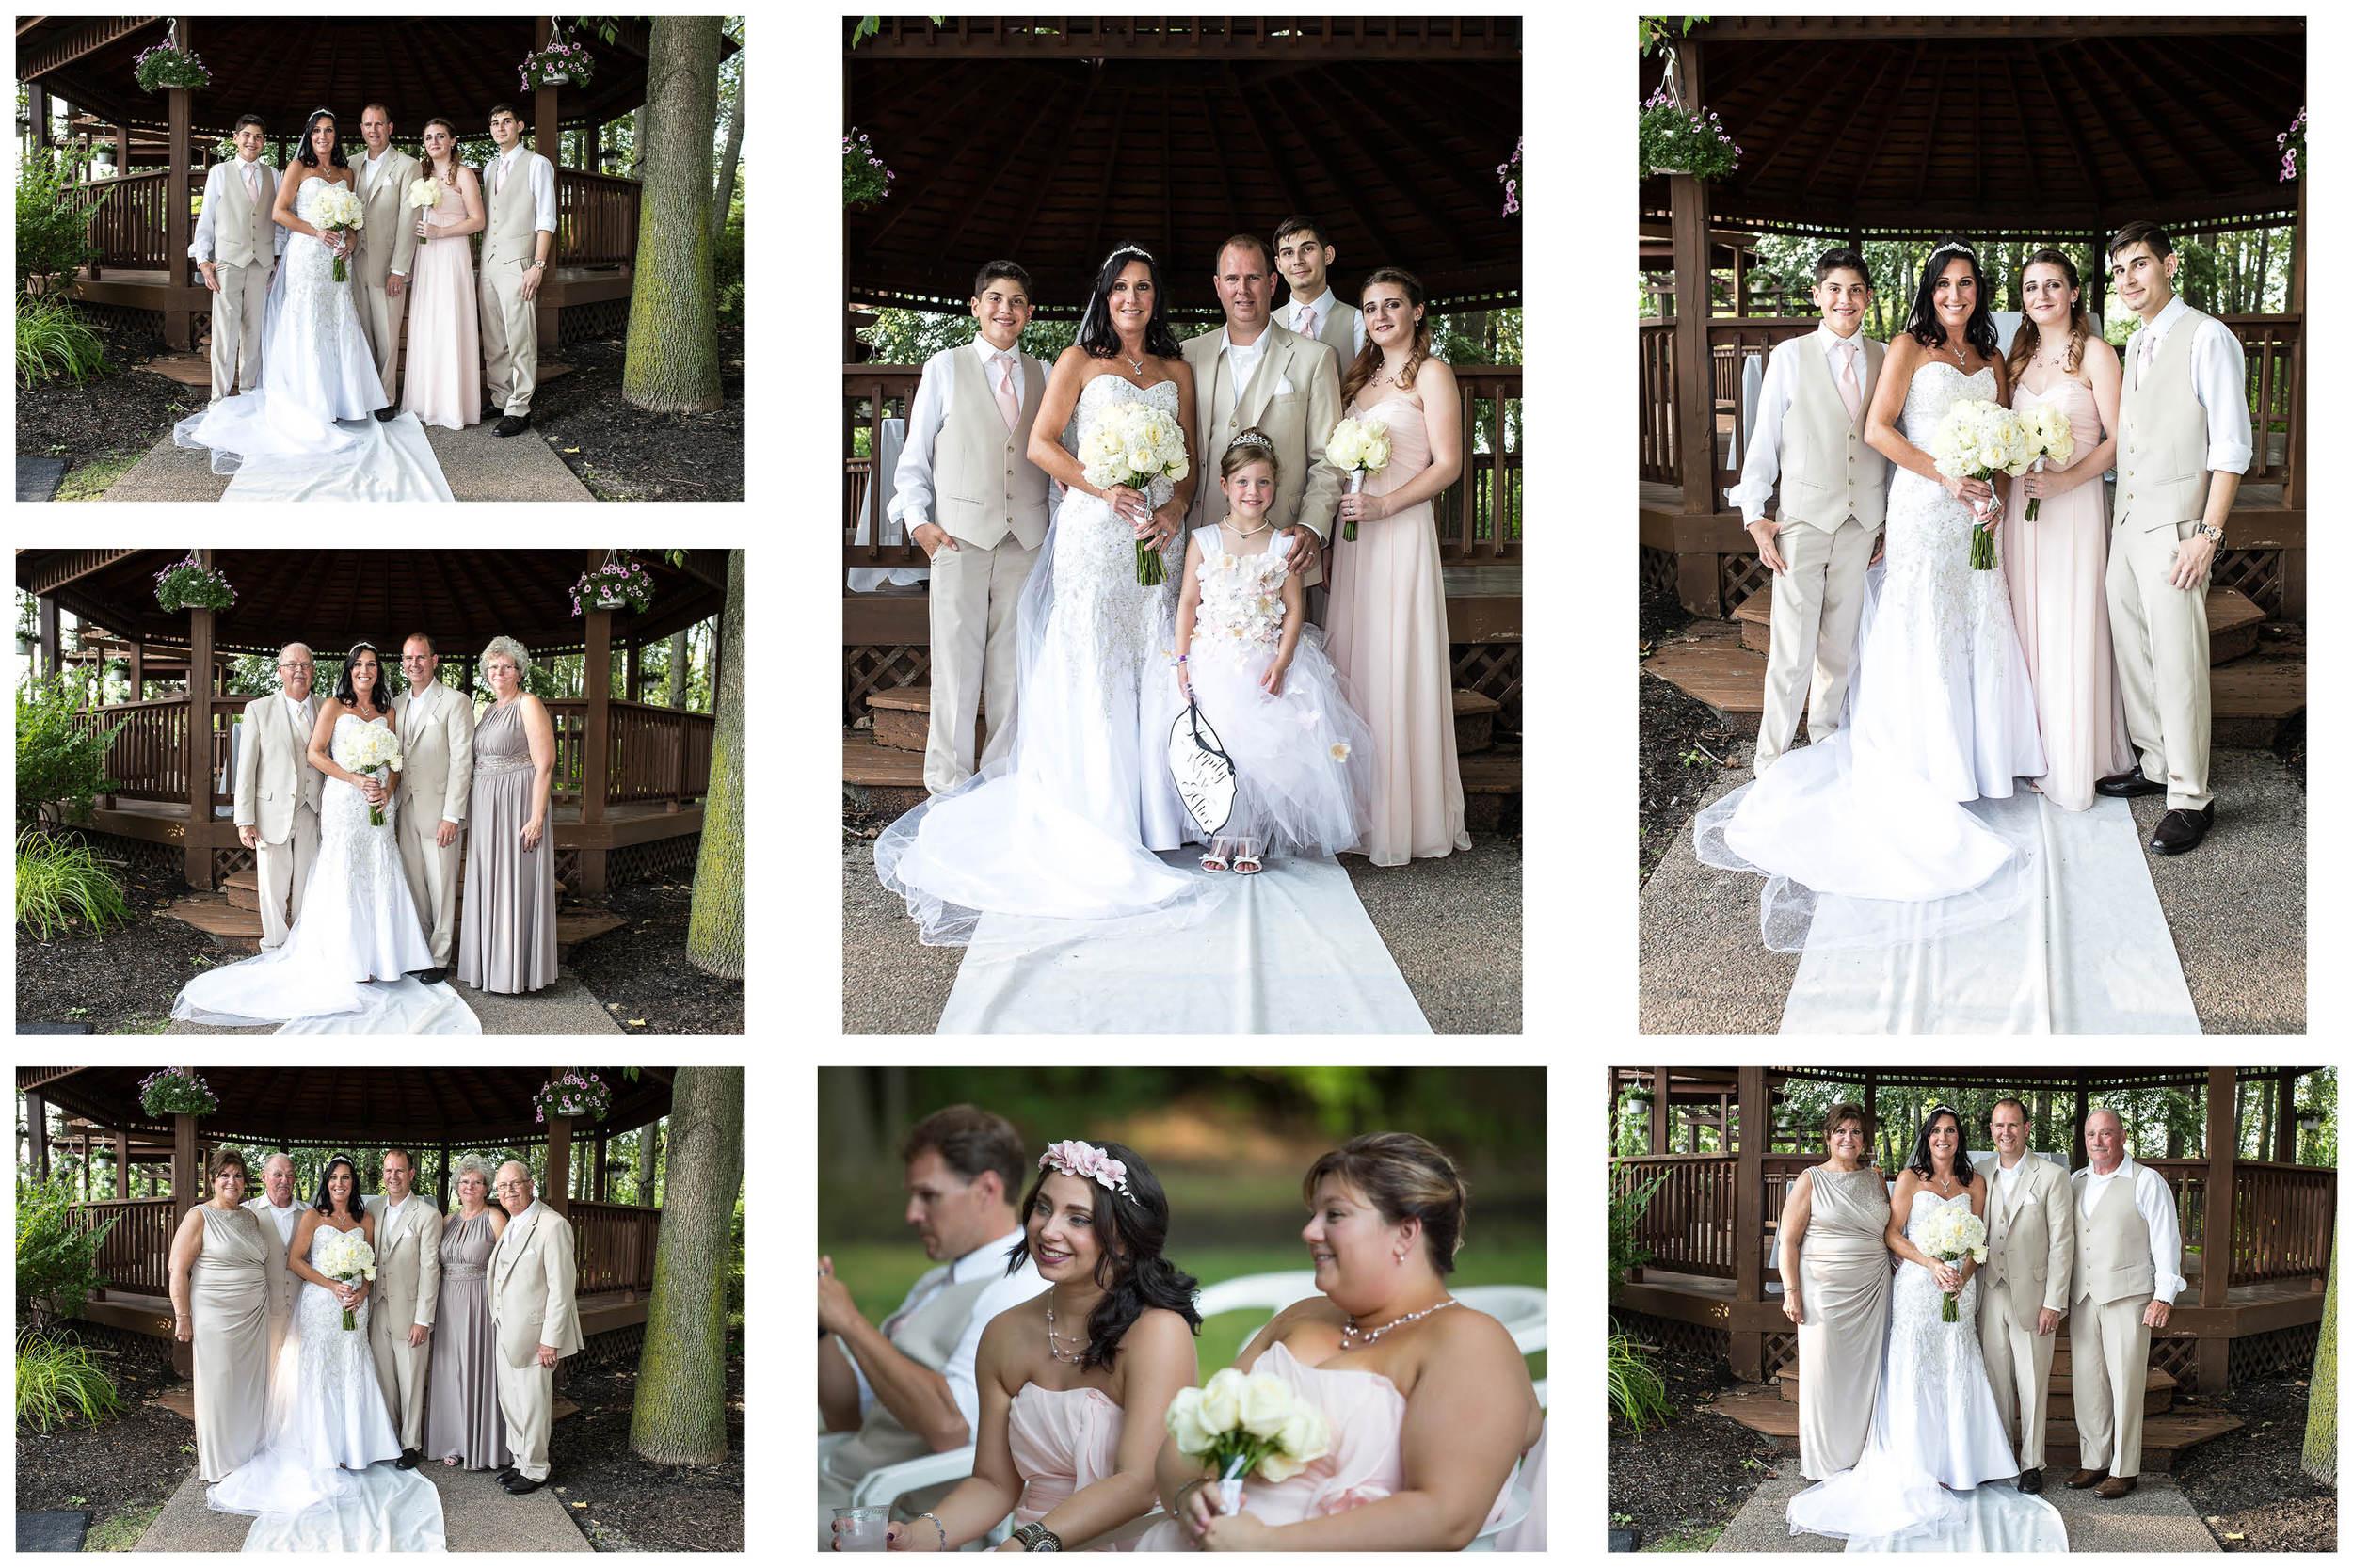 familyand bridal2.jpg